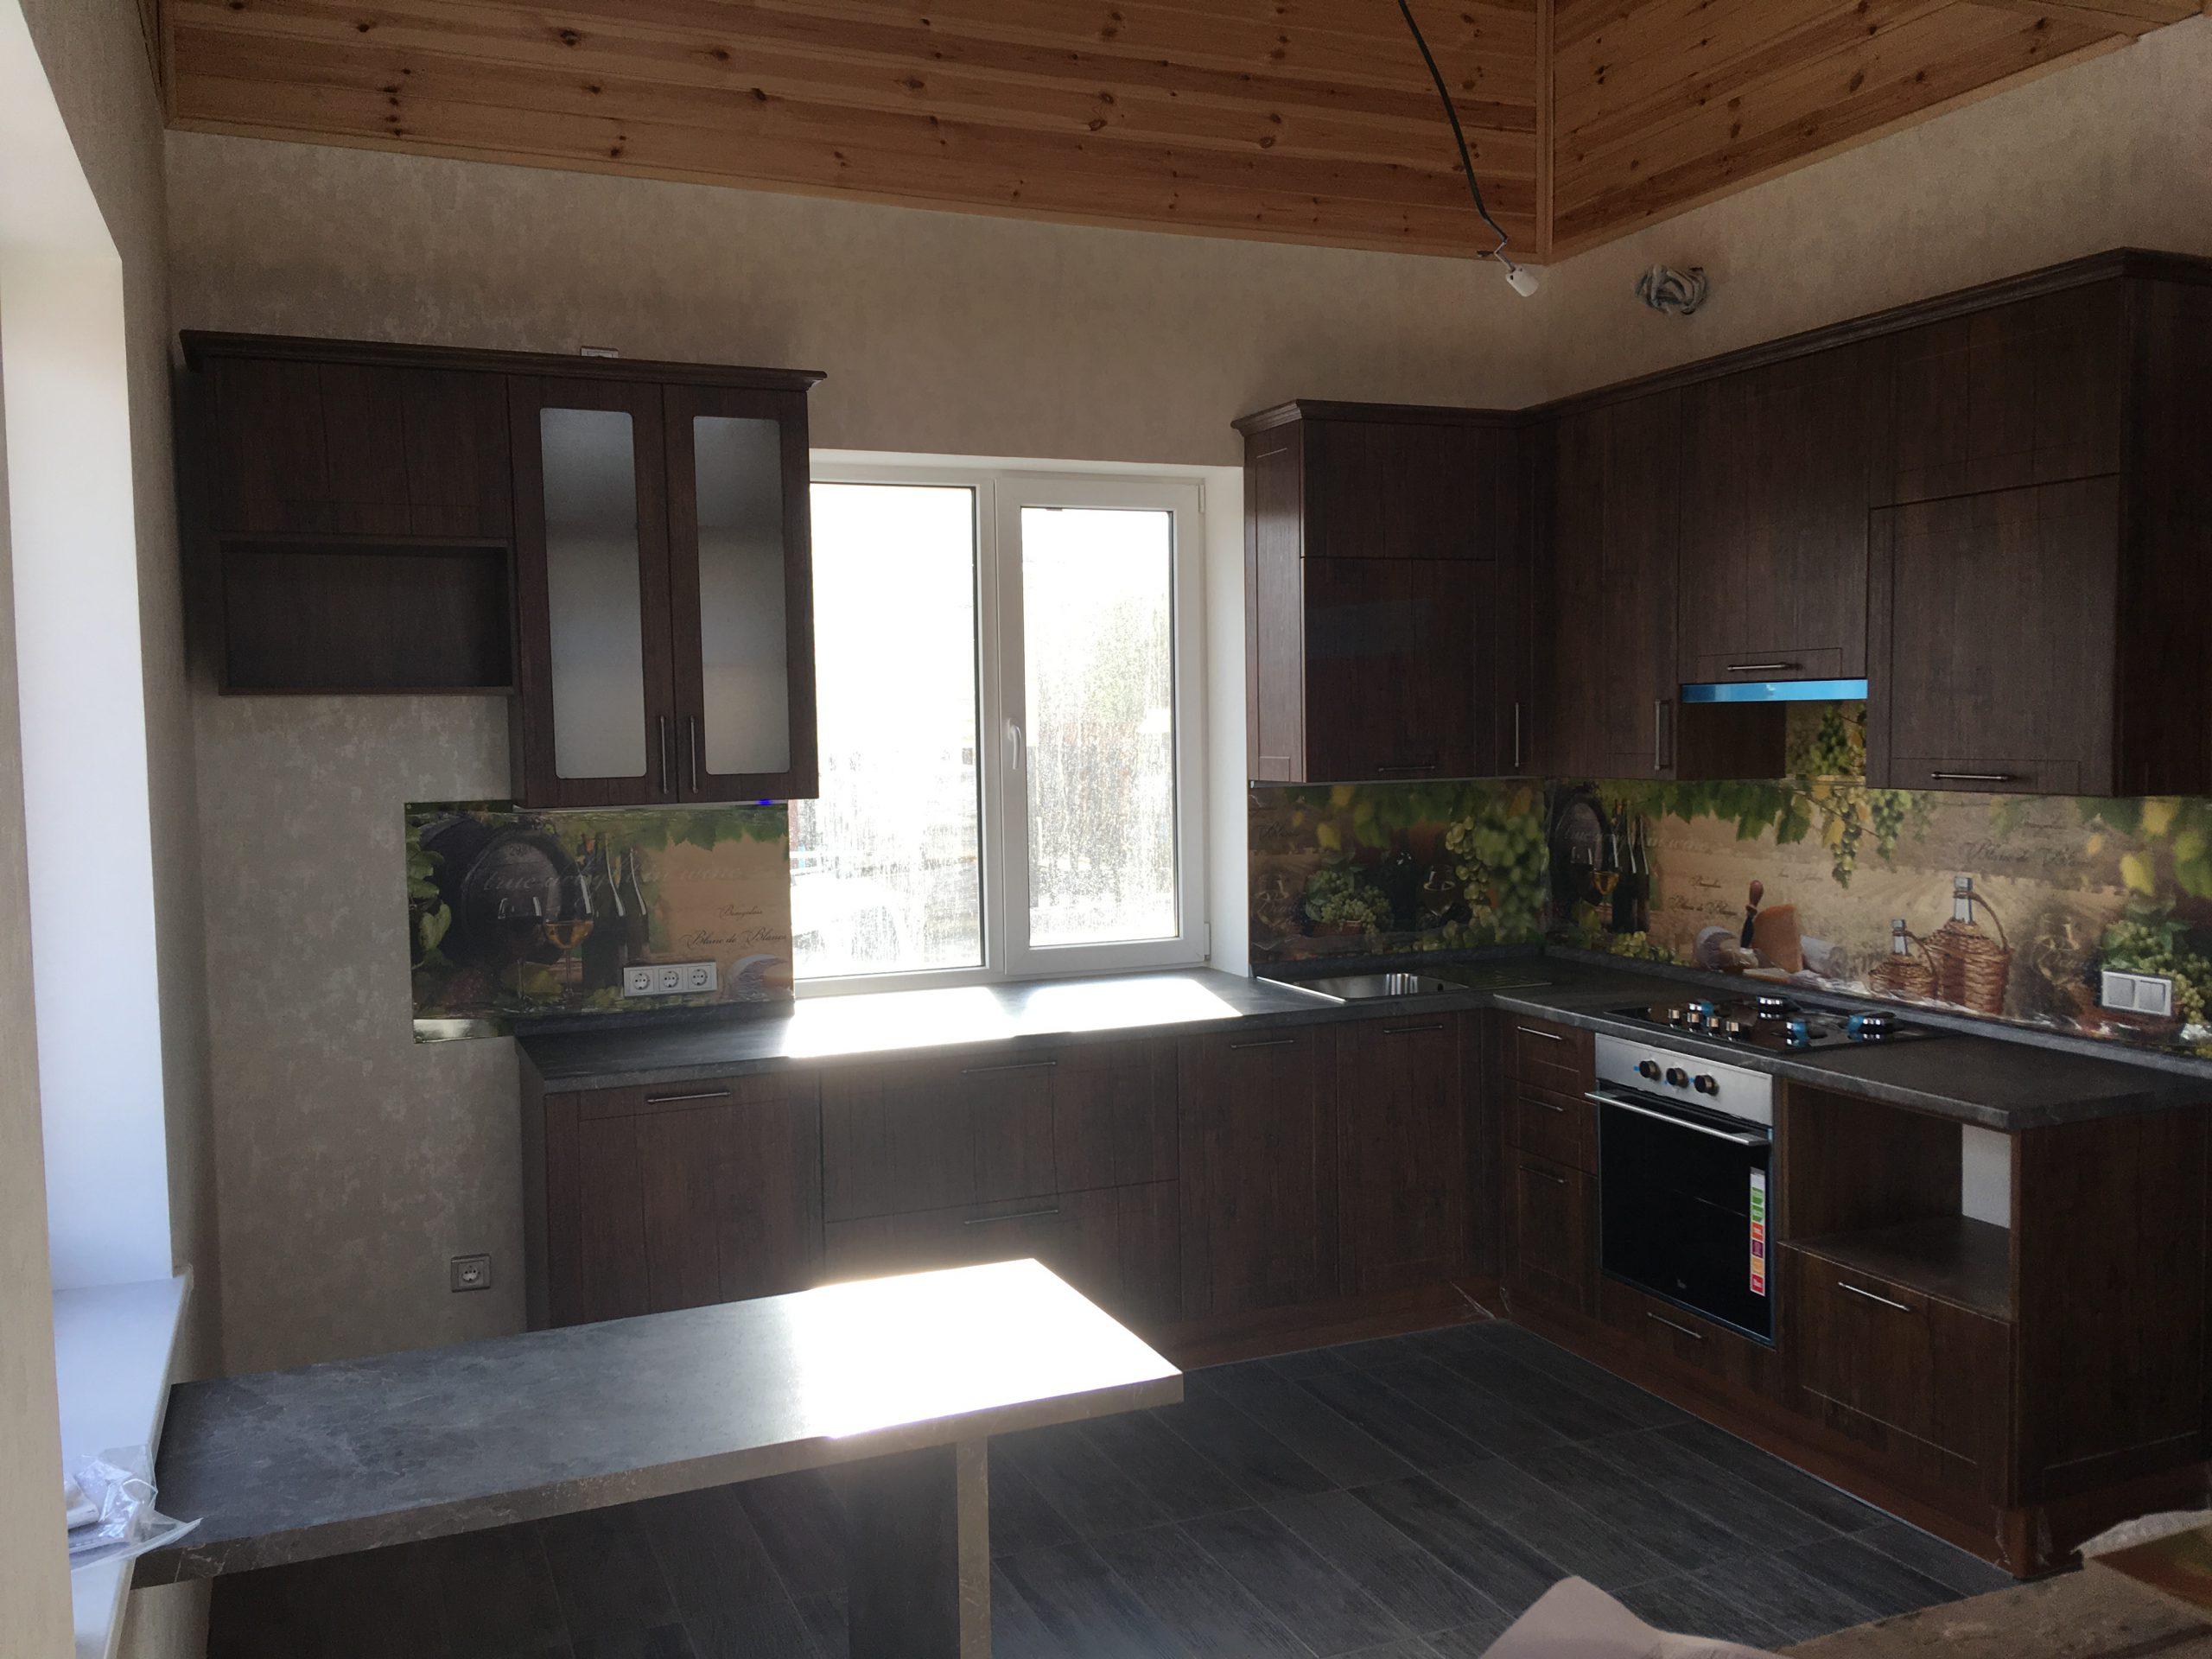 Второе фото Классическая кухня с нарядной стеновой панелью